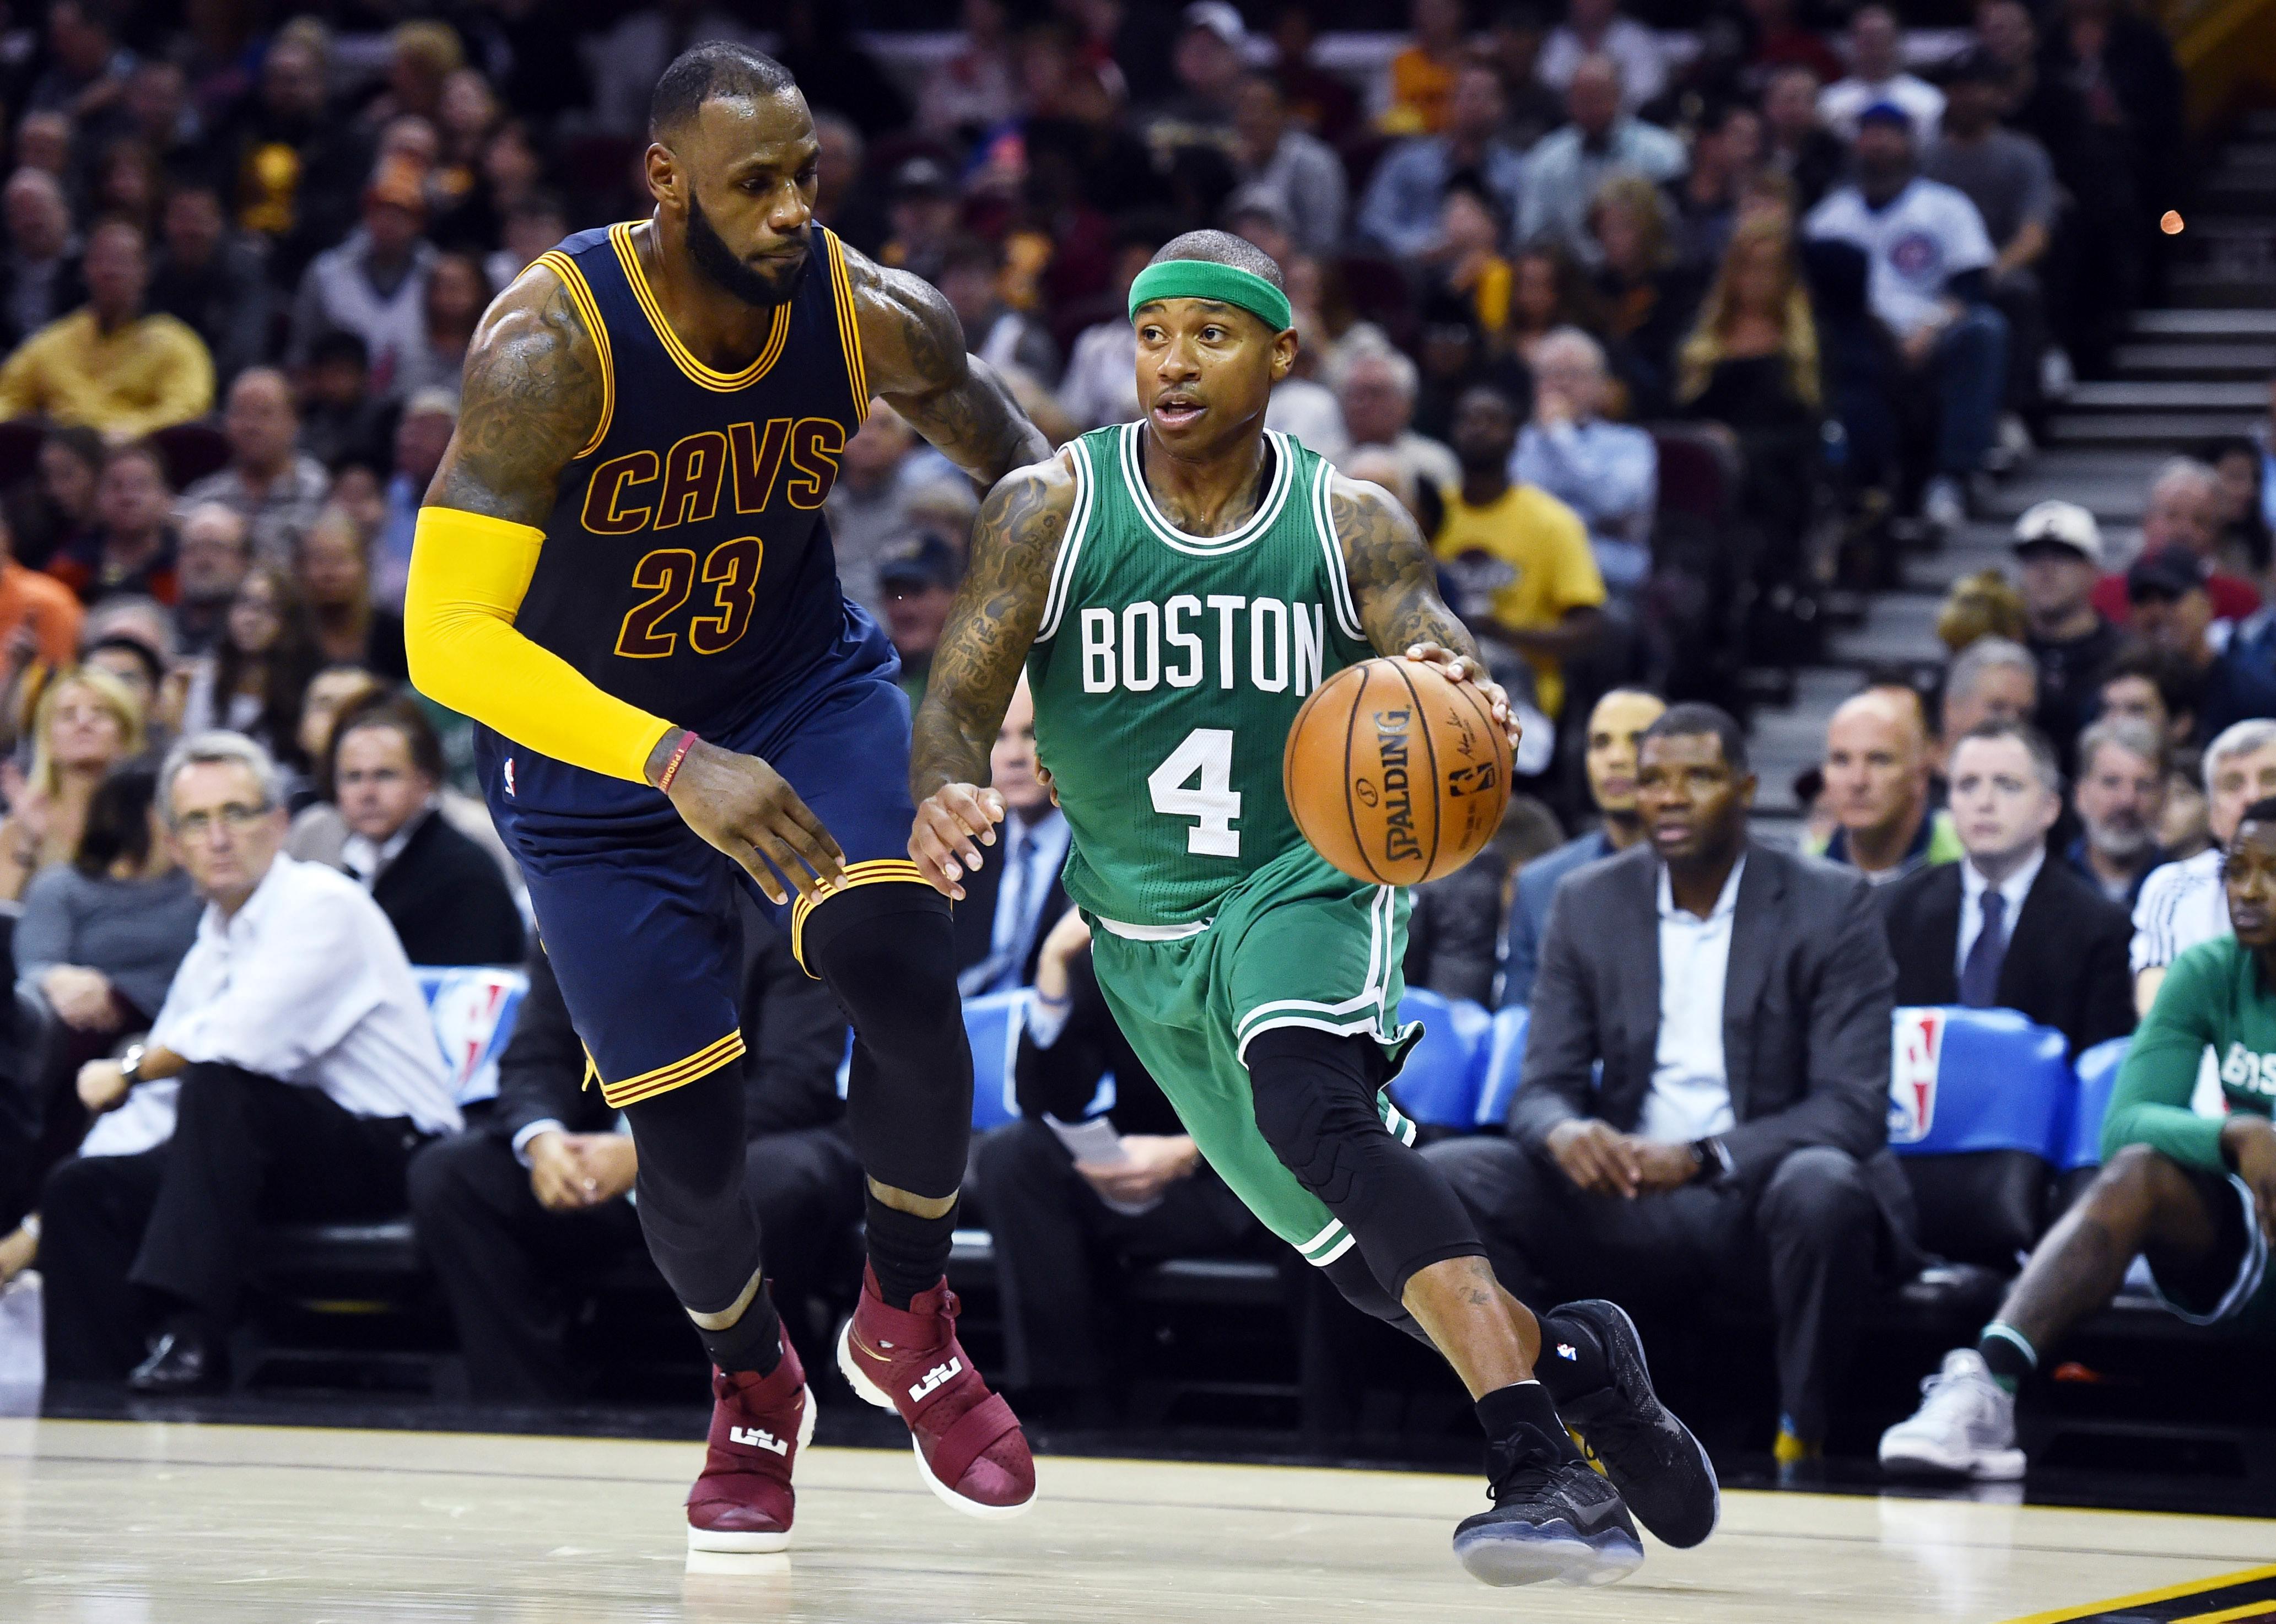 Kết quả hình ảnh cho NBA: Boston Celtics vs Cleveland Cavaliers